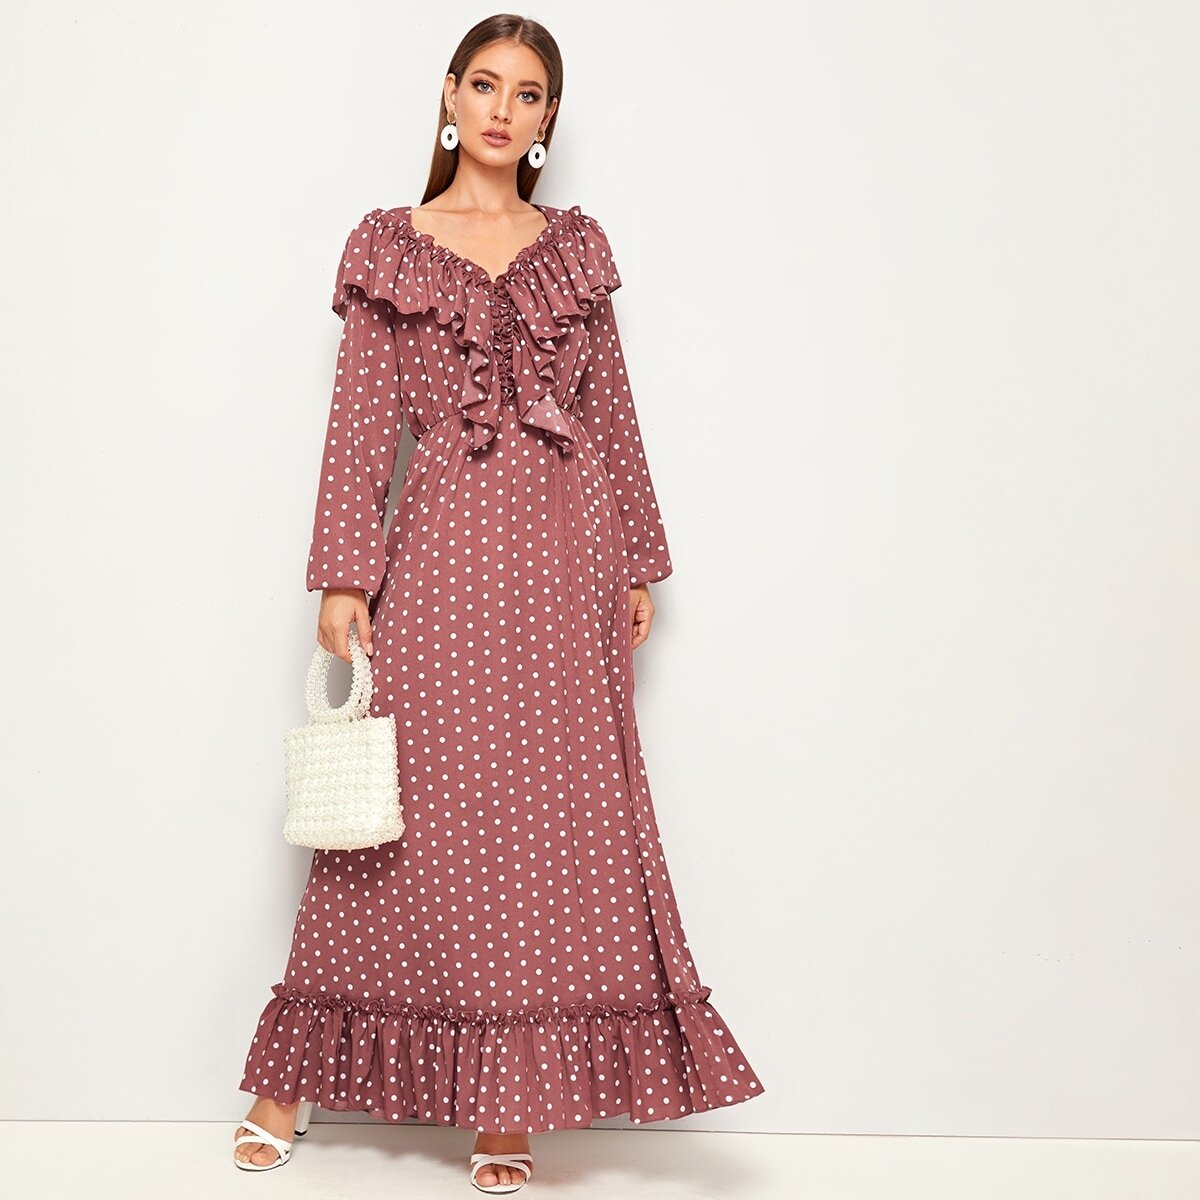 Платье в горошек с оборками Image